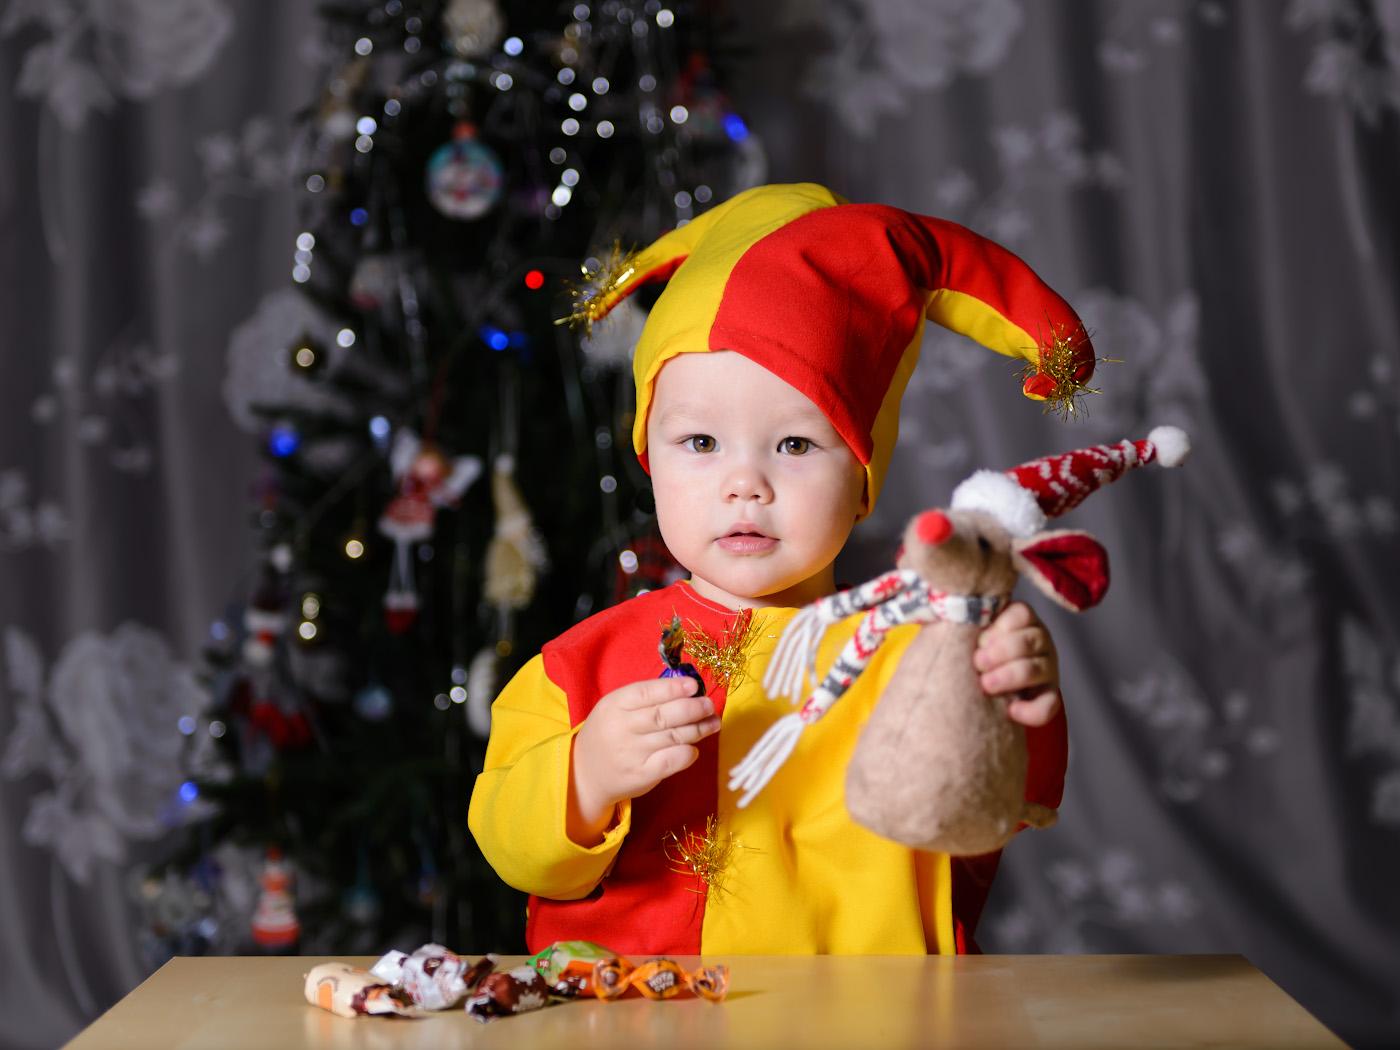 Снимок 8. Поясной портрет ребенка. Учимся снимать на Новый год. 1/250, 2.8, 100, 62.